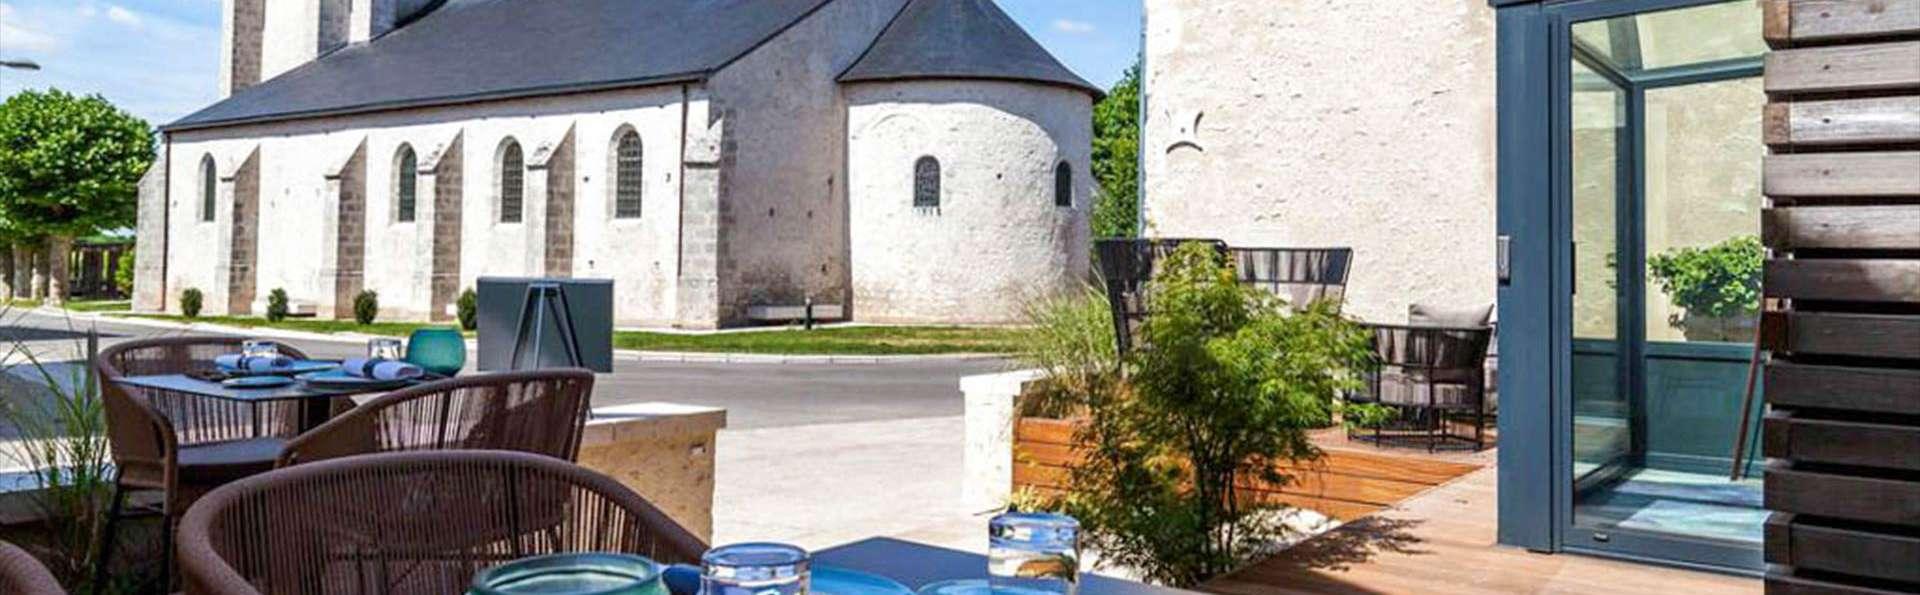 Table bistronomique à deux pas de Blois